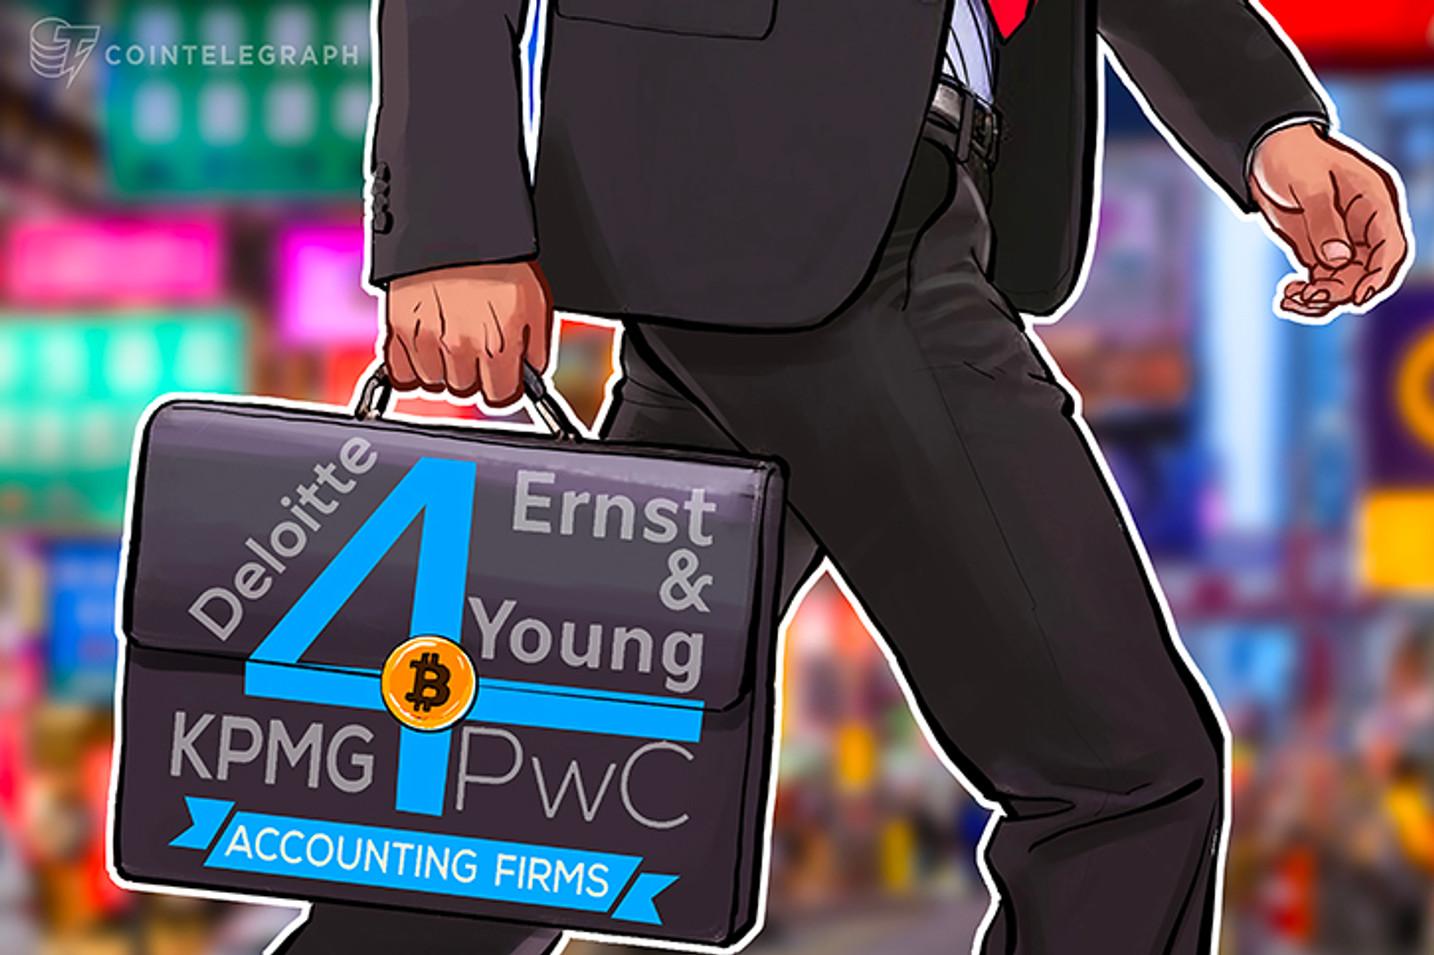 """Membro do """"Big Four"""" das firmas de auditoria PwC agora aceita pagamentos em Bitcoin"""